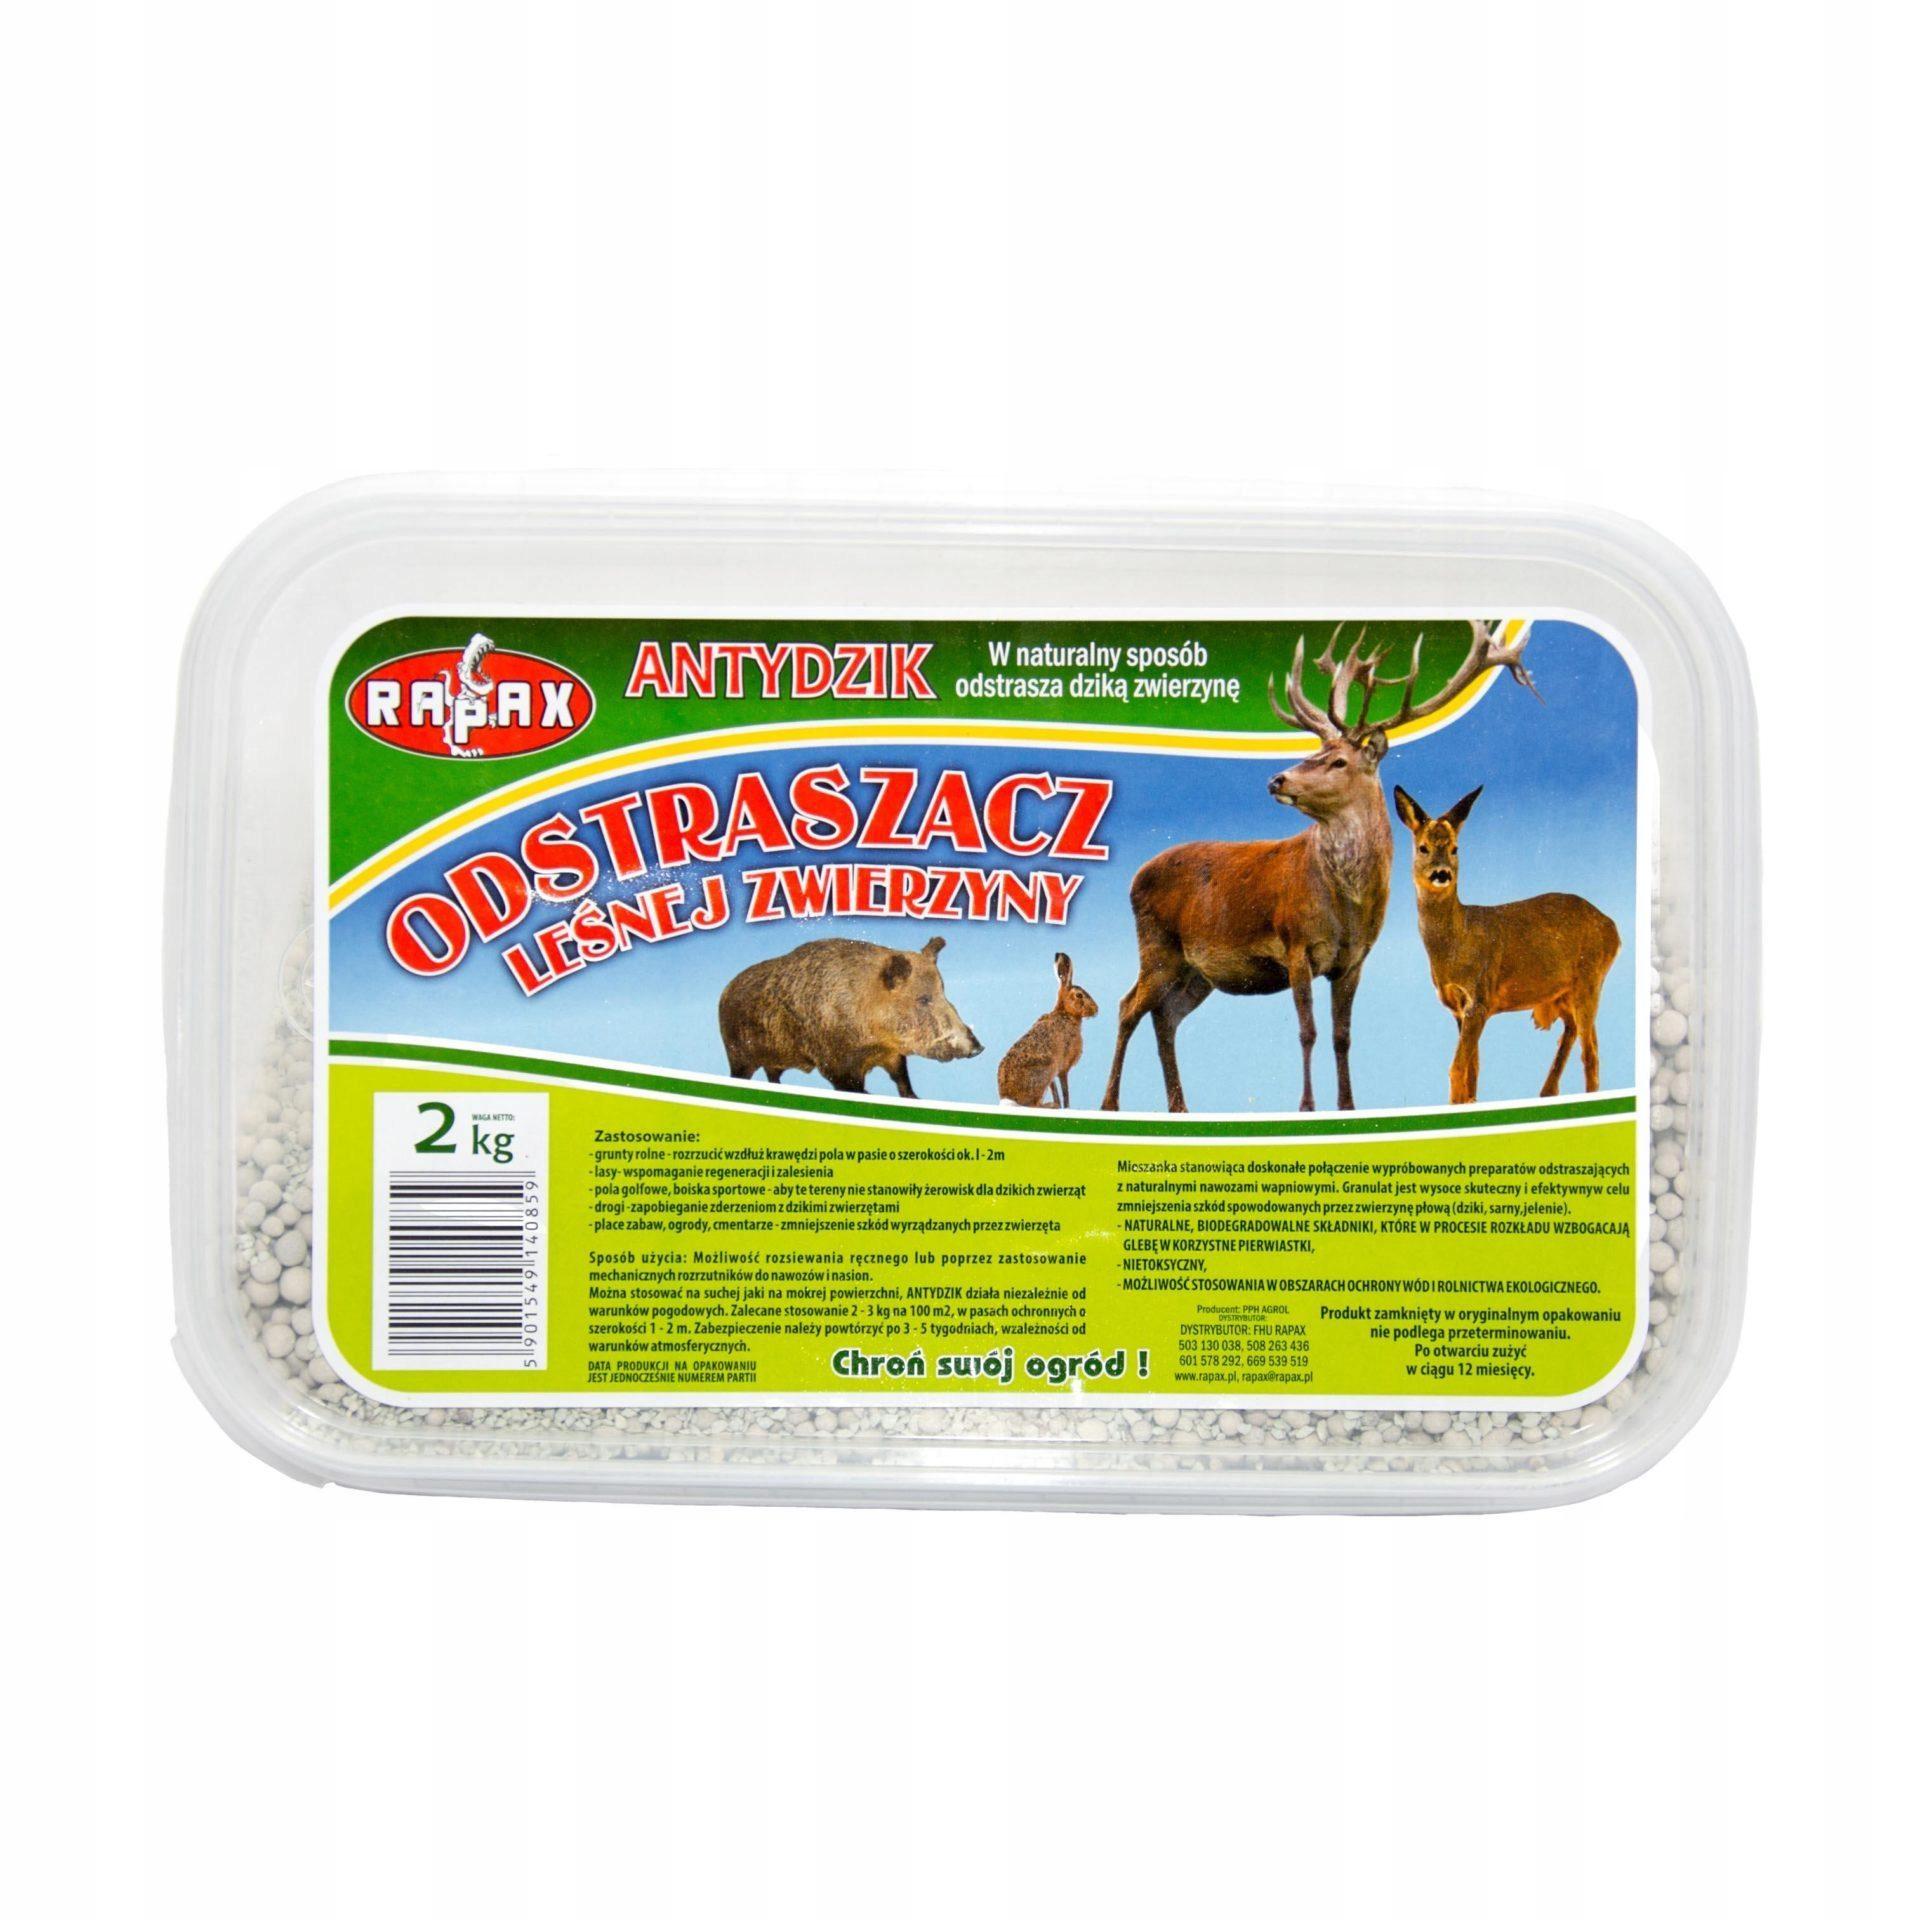 RAPAX-Odstraszacz leśnej zwierzyny ANTYDZIK 2kg